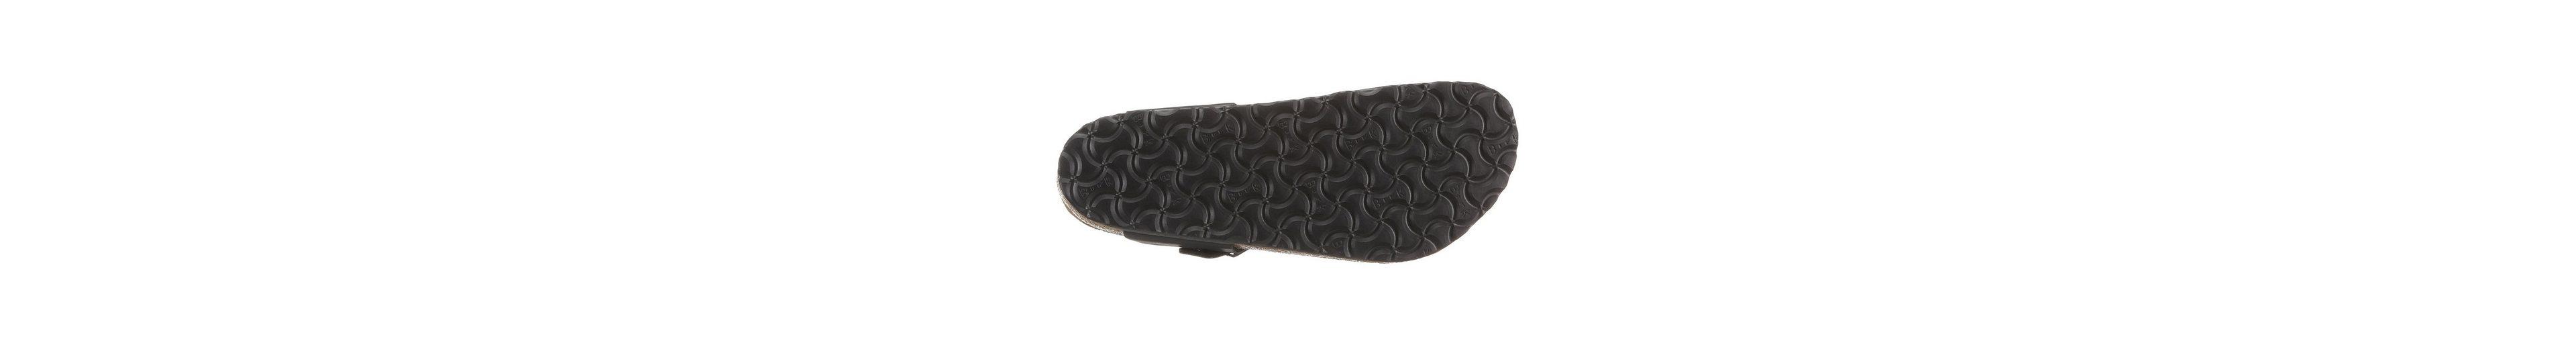 Birkenstock GIZEH BF Zehentrenner, in schmaler Schuhweite, mit verstellbarer Schnalle